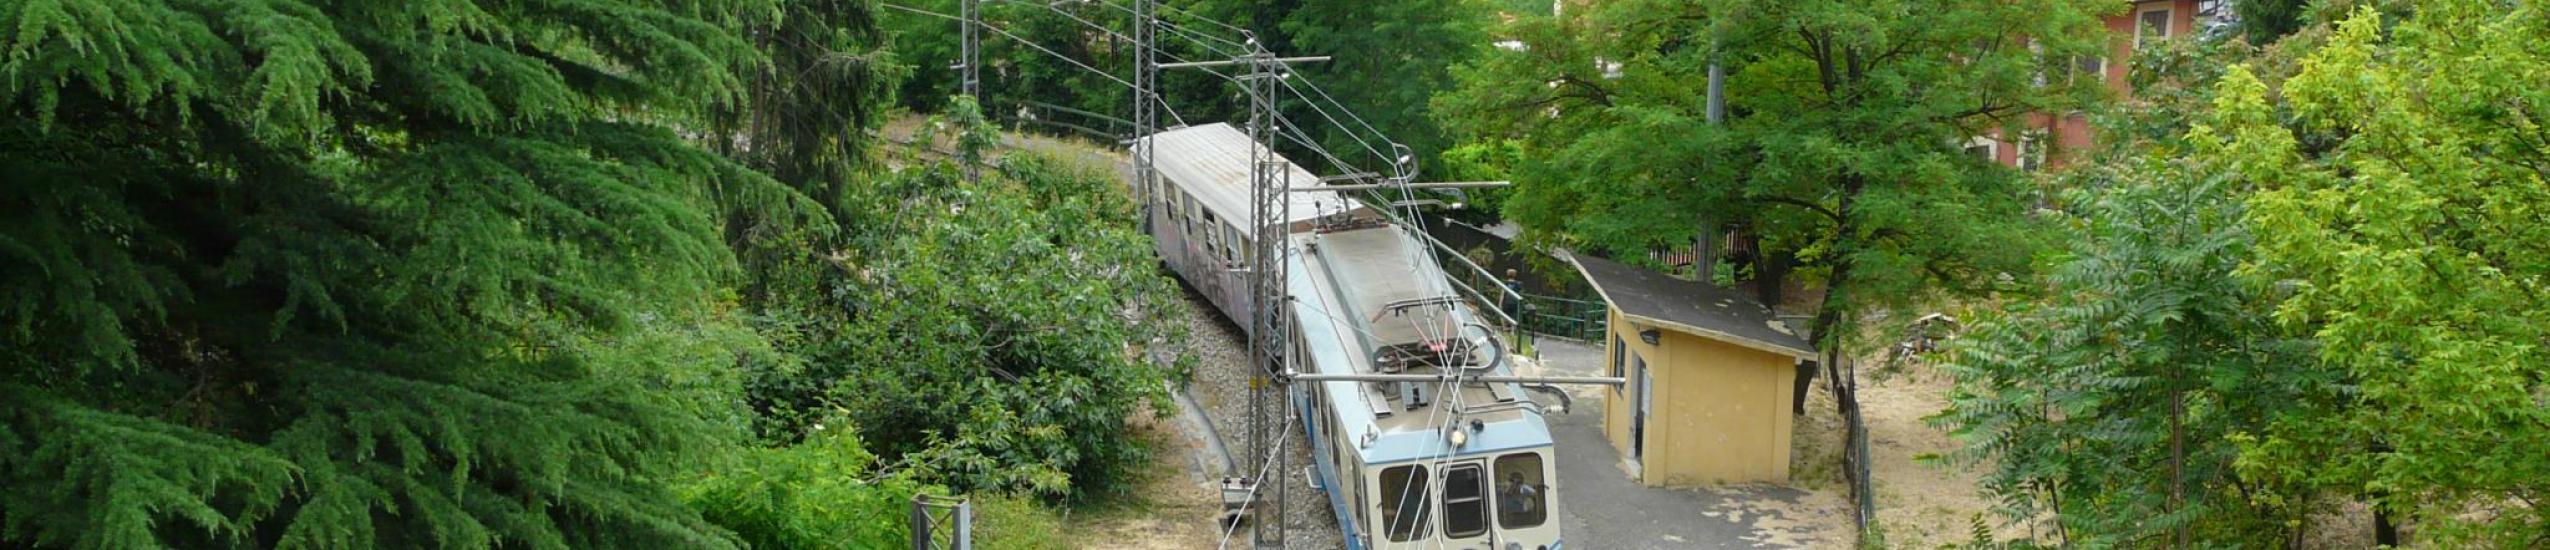 antico trenino di Casella